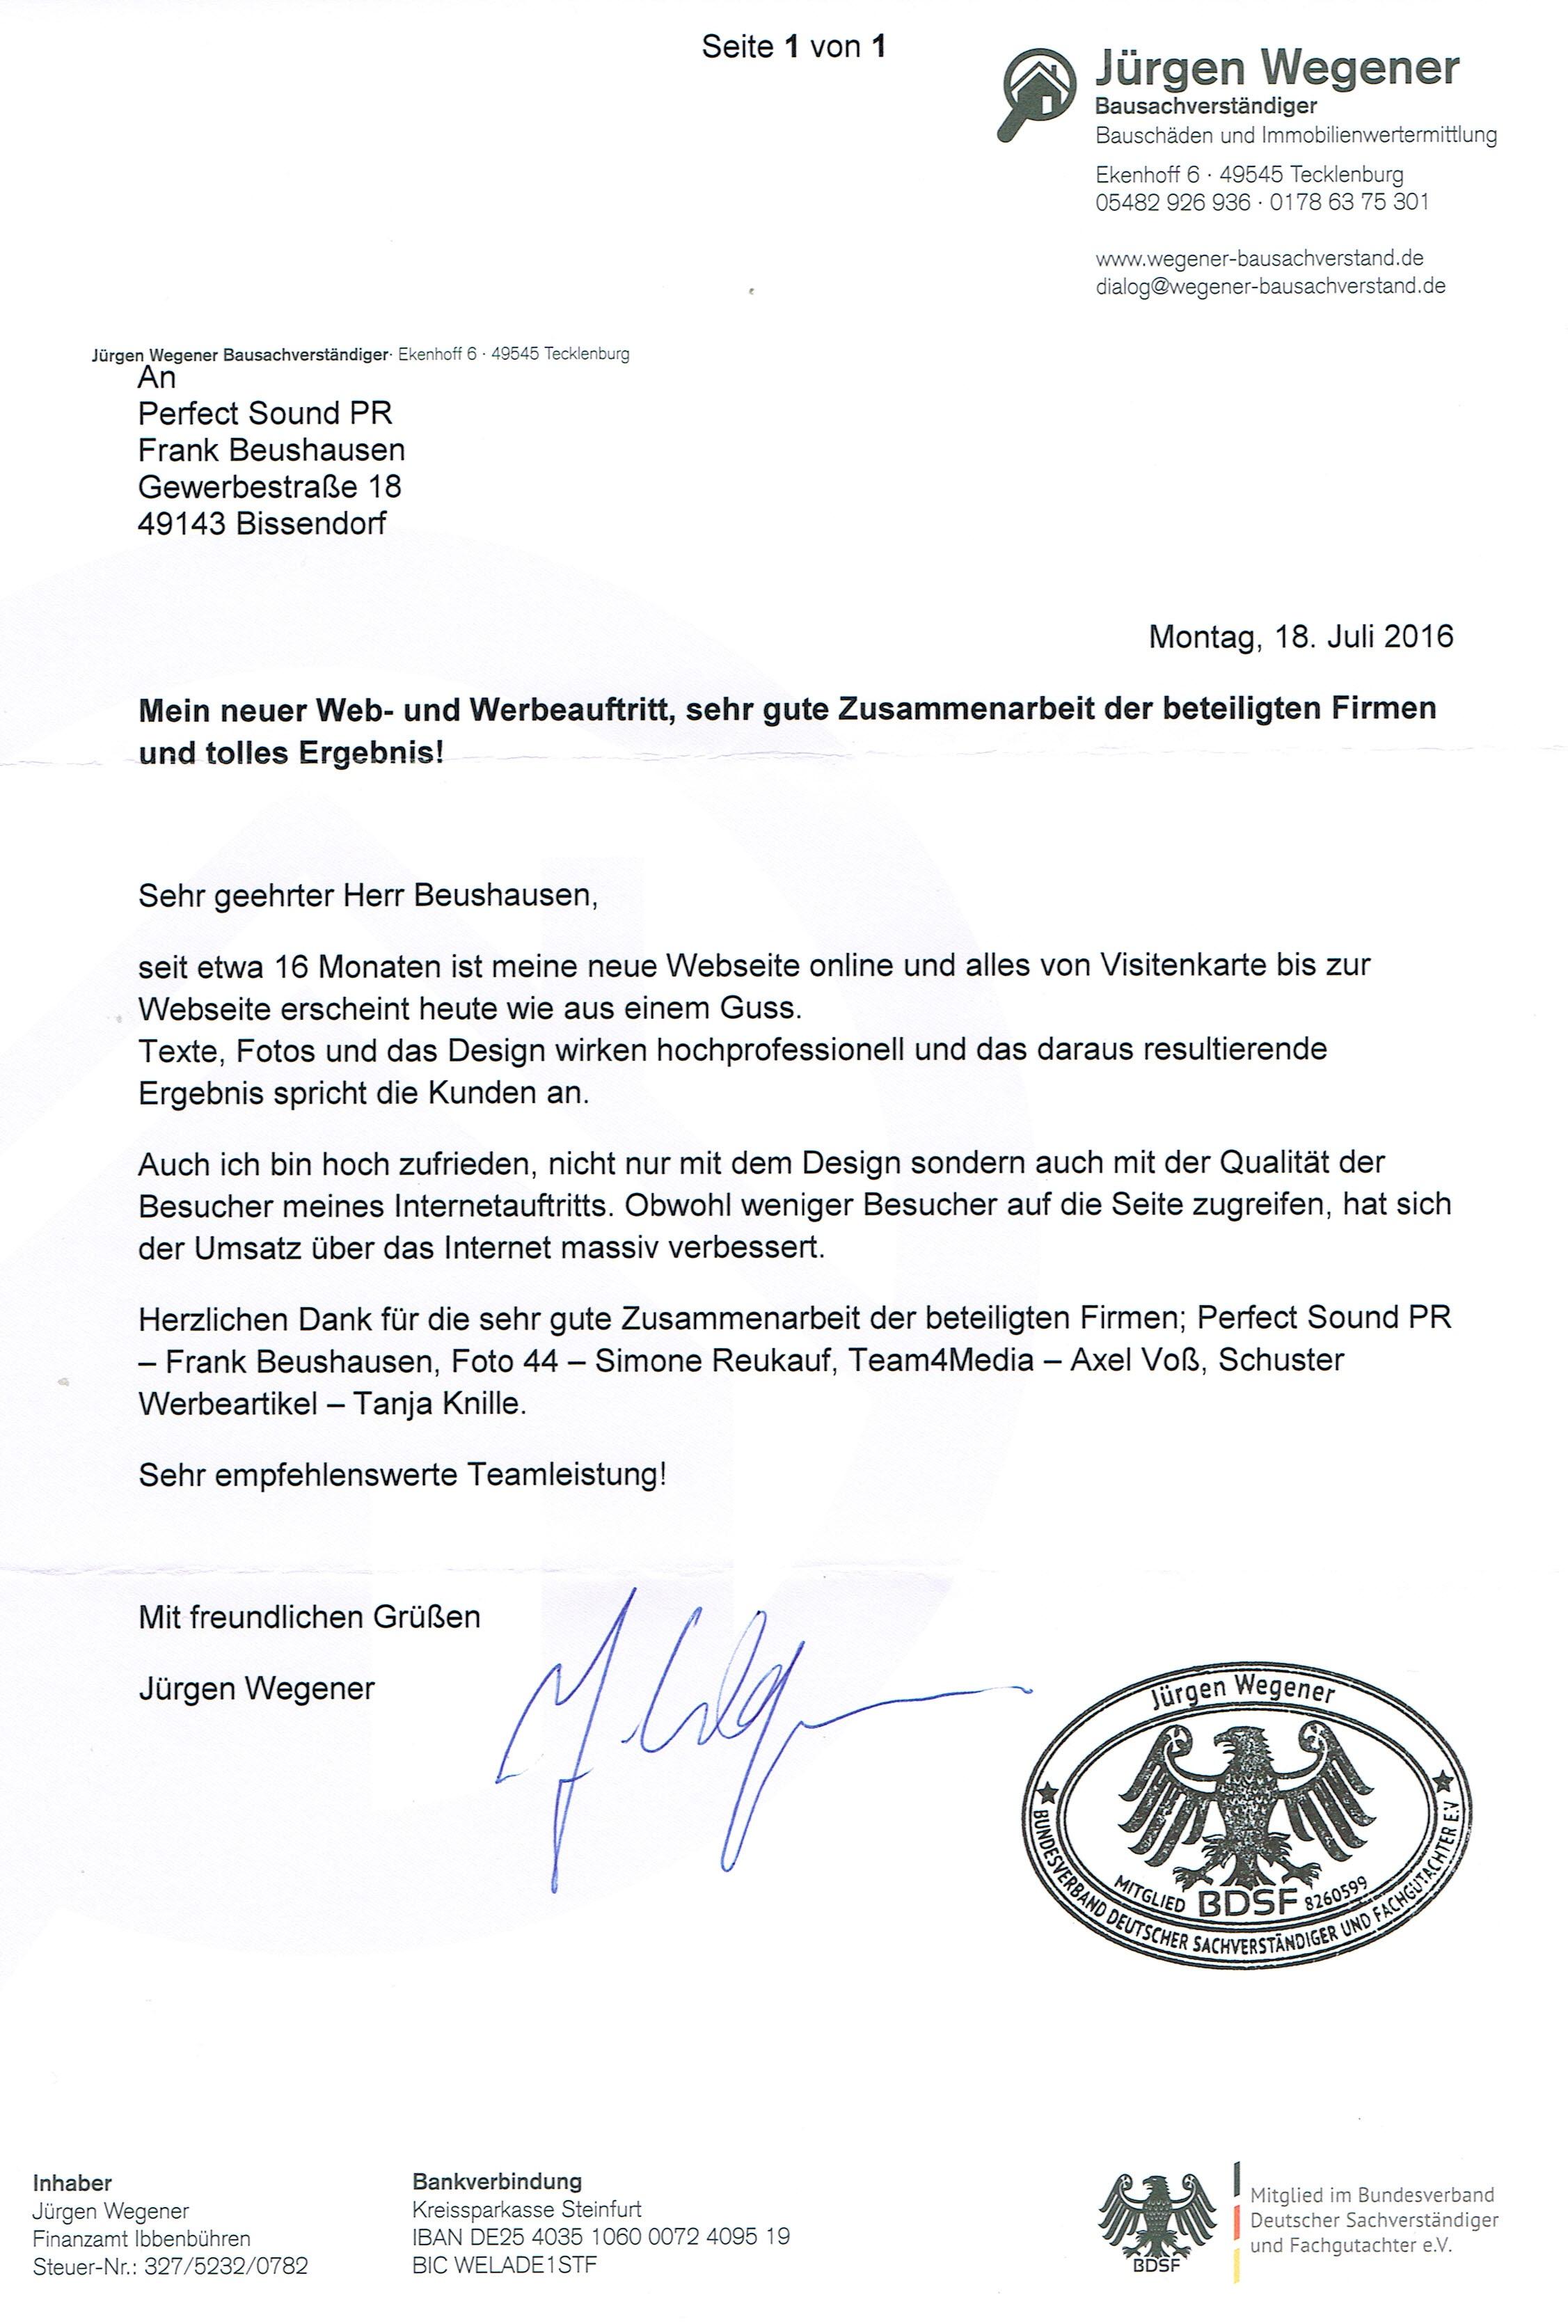 Jürgen_Wegener_Bausachverständiger